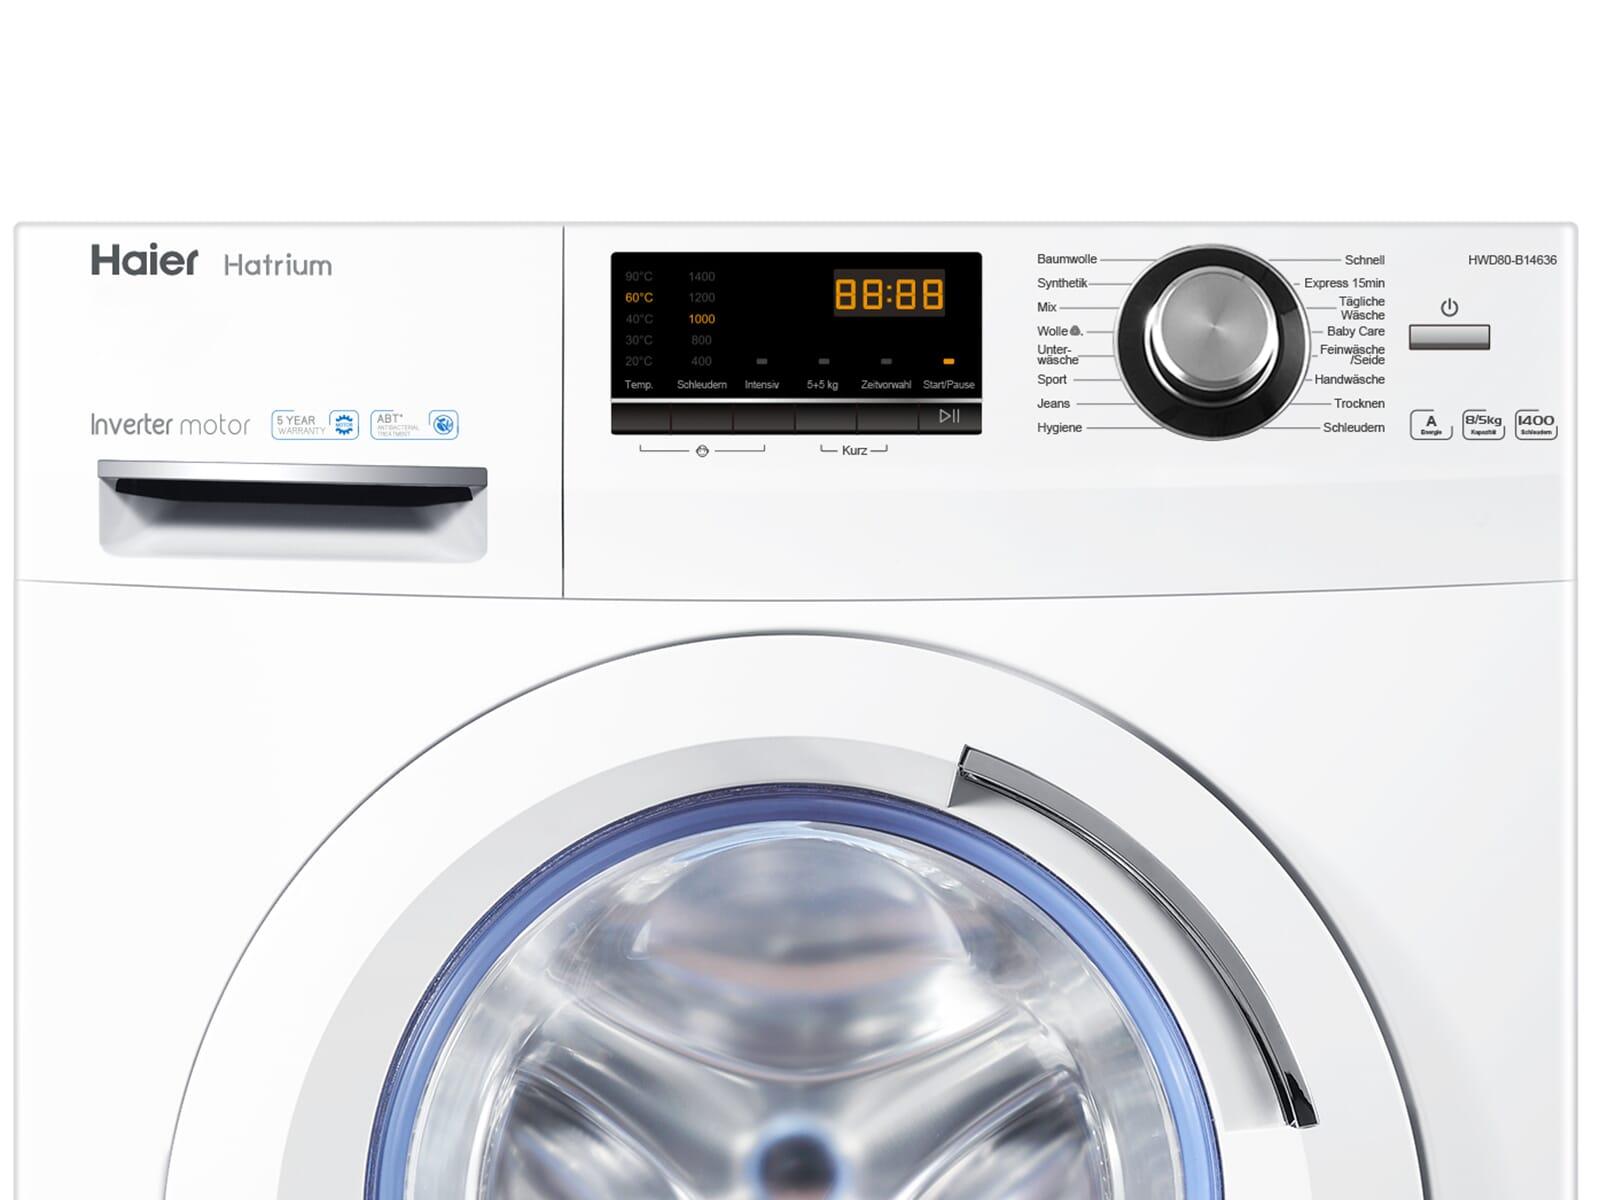 Haier hwd80 b14636 waschtrockner weiß